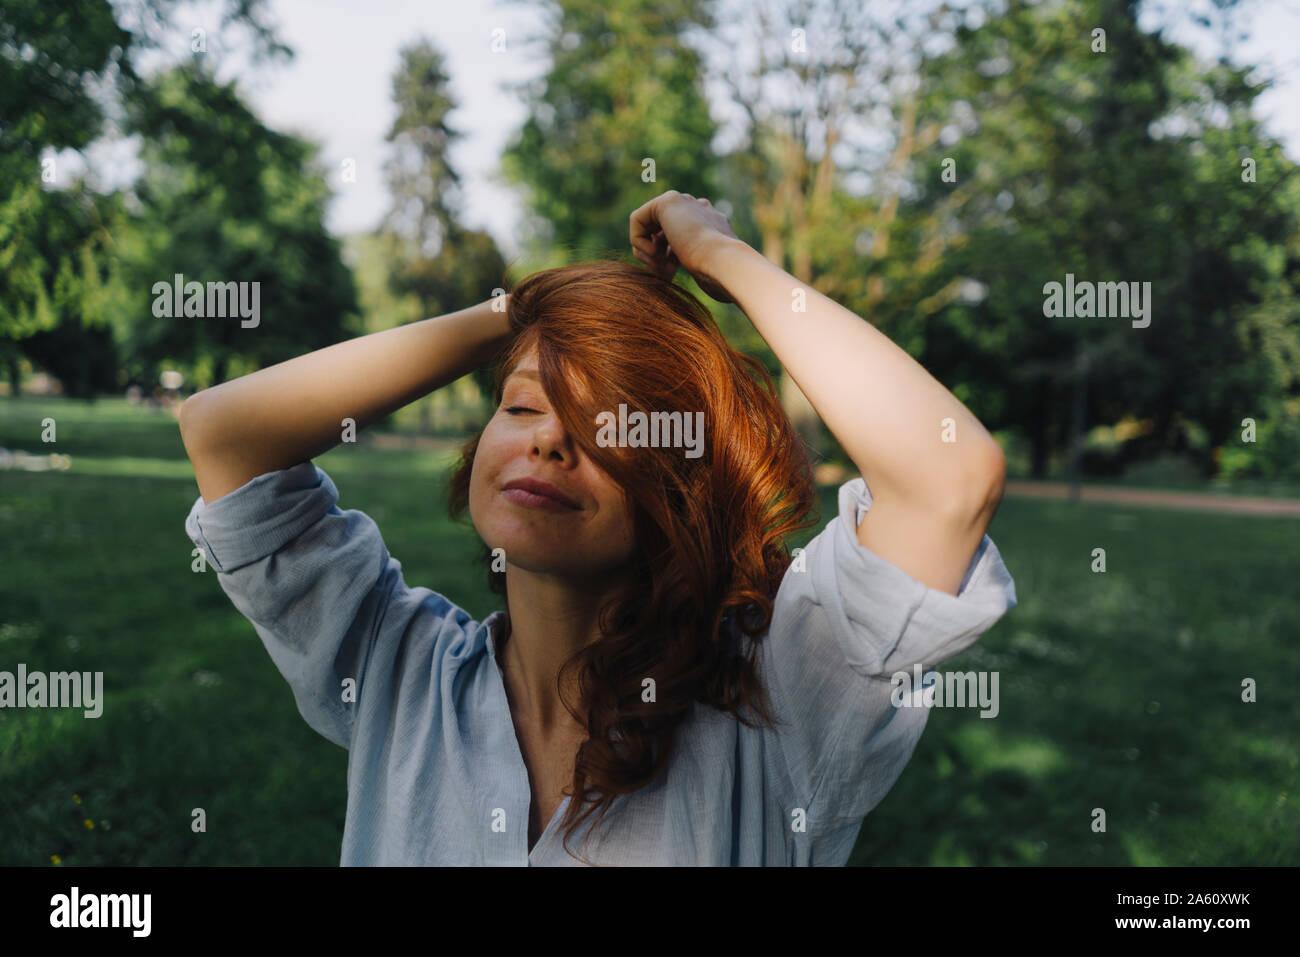 Portrait de femme rousse dans un parc Banque D'Images